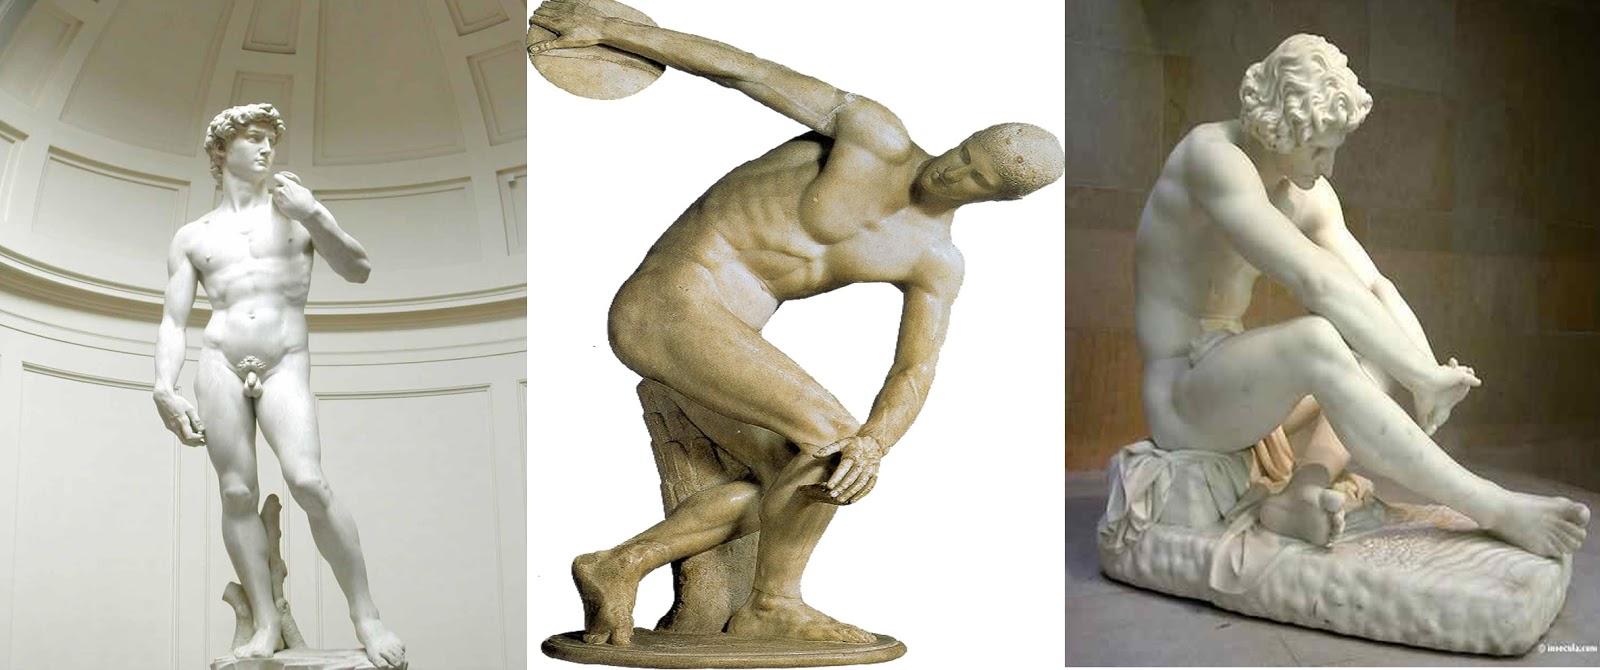 10 escultores famosos y sus obras - Aboutespañol.com